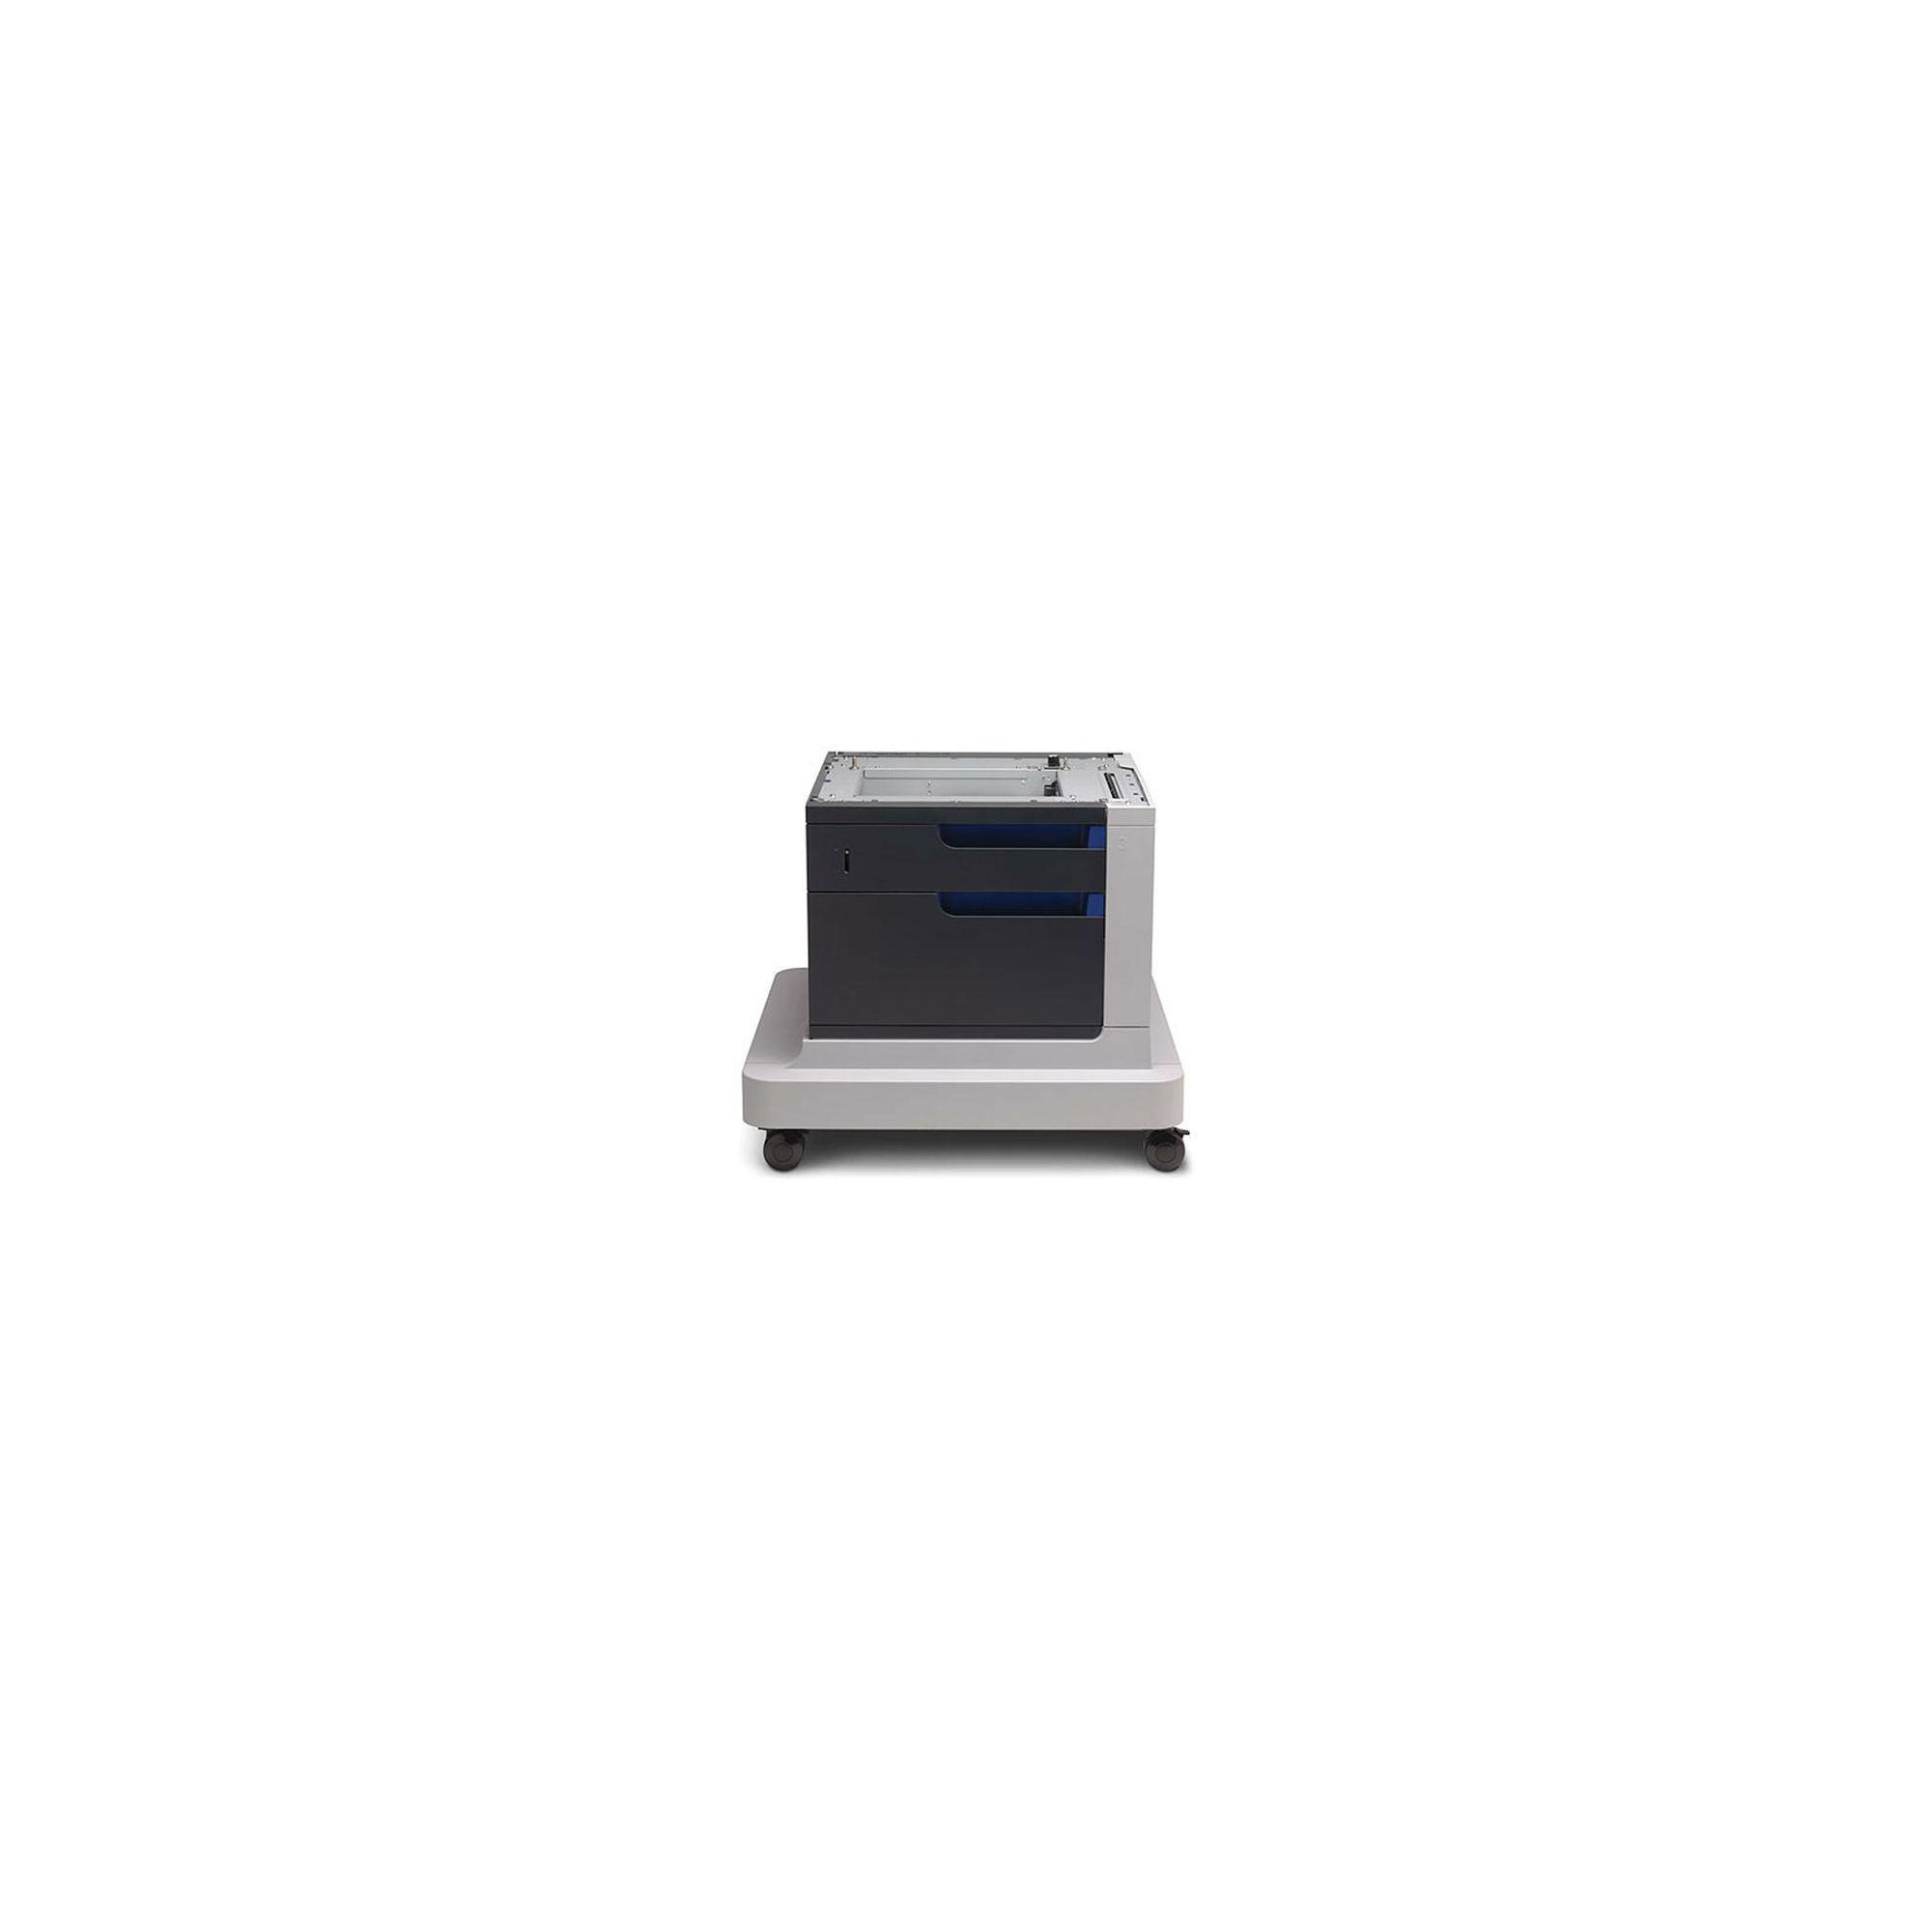 Color LaserJet 500-sheet Paper Feeder and Cabinet at Tesco Direct